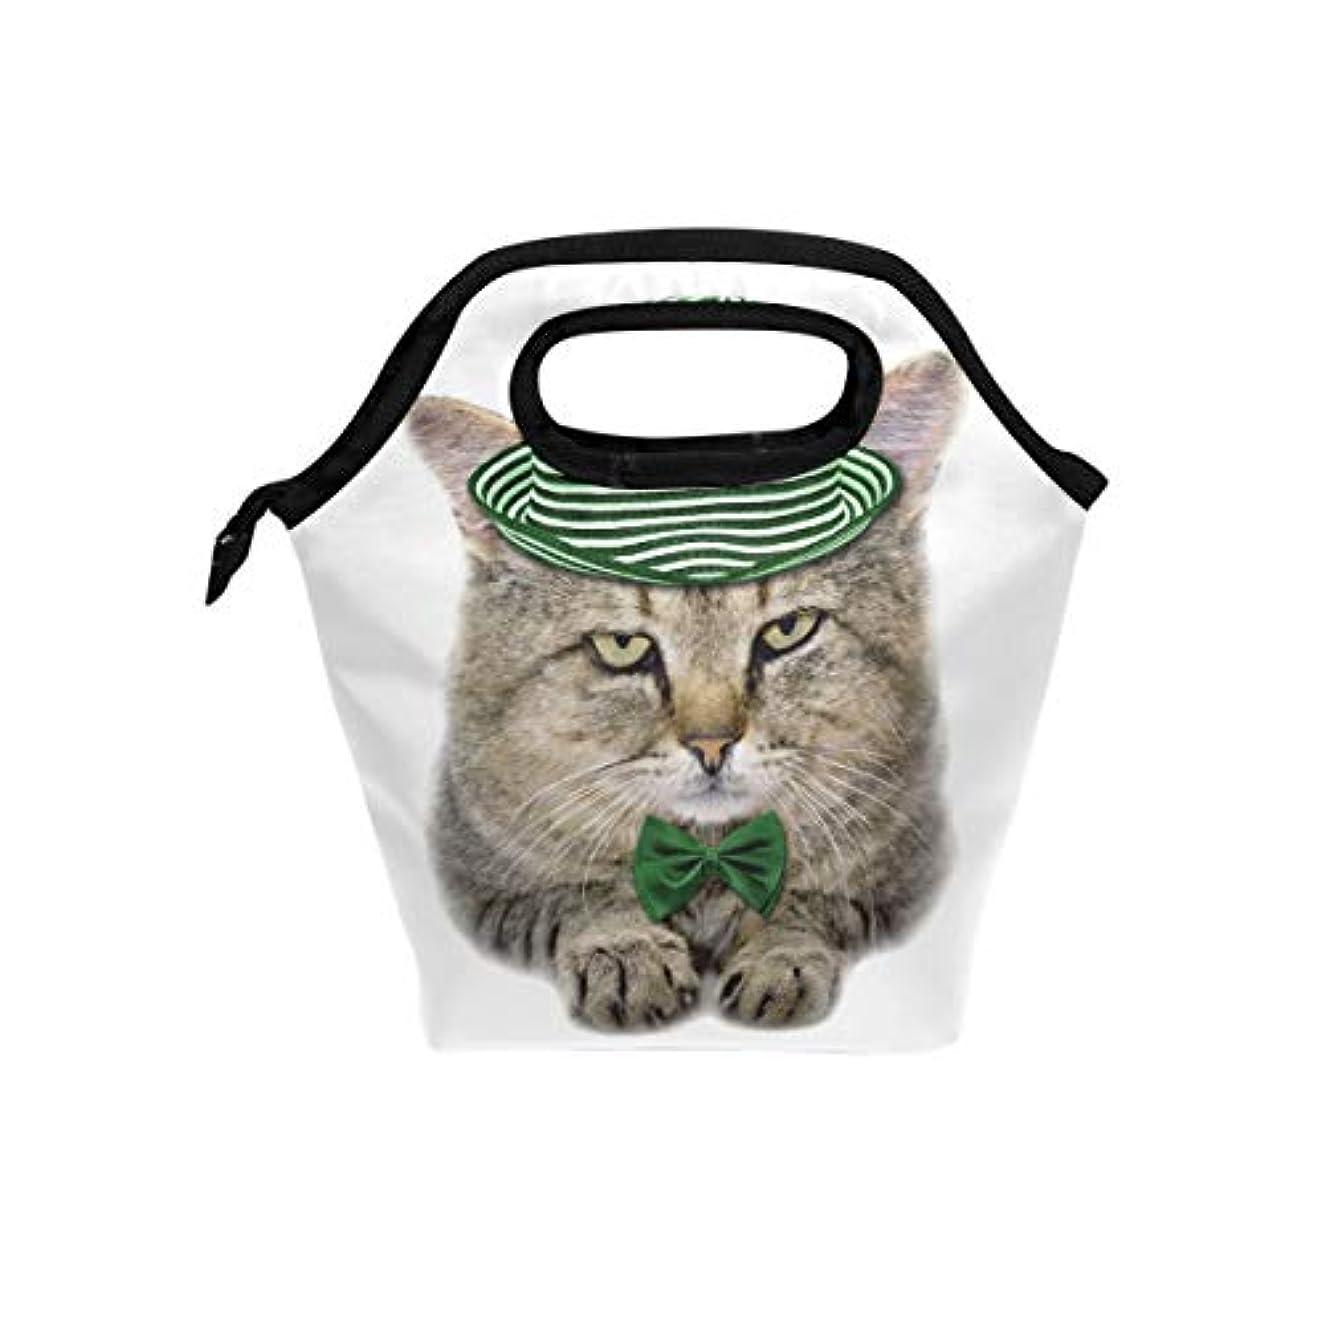 巡礼者ナンセンス意欲ランチバッグ 弁当バッグ お弁当 お弁当箱 聖パトリックデー 猫柄 可愛い 保冷保温 保温弁当 大容量 手提げ 通勤 通学